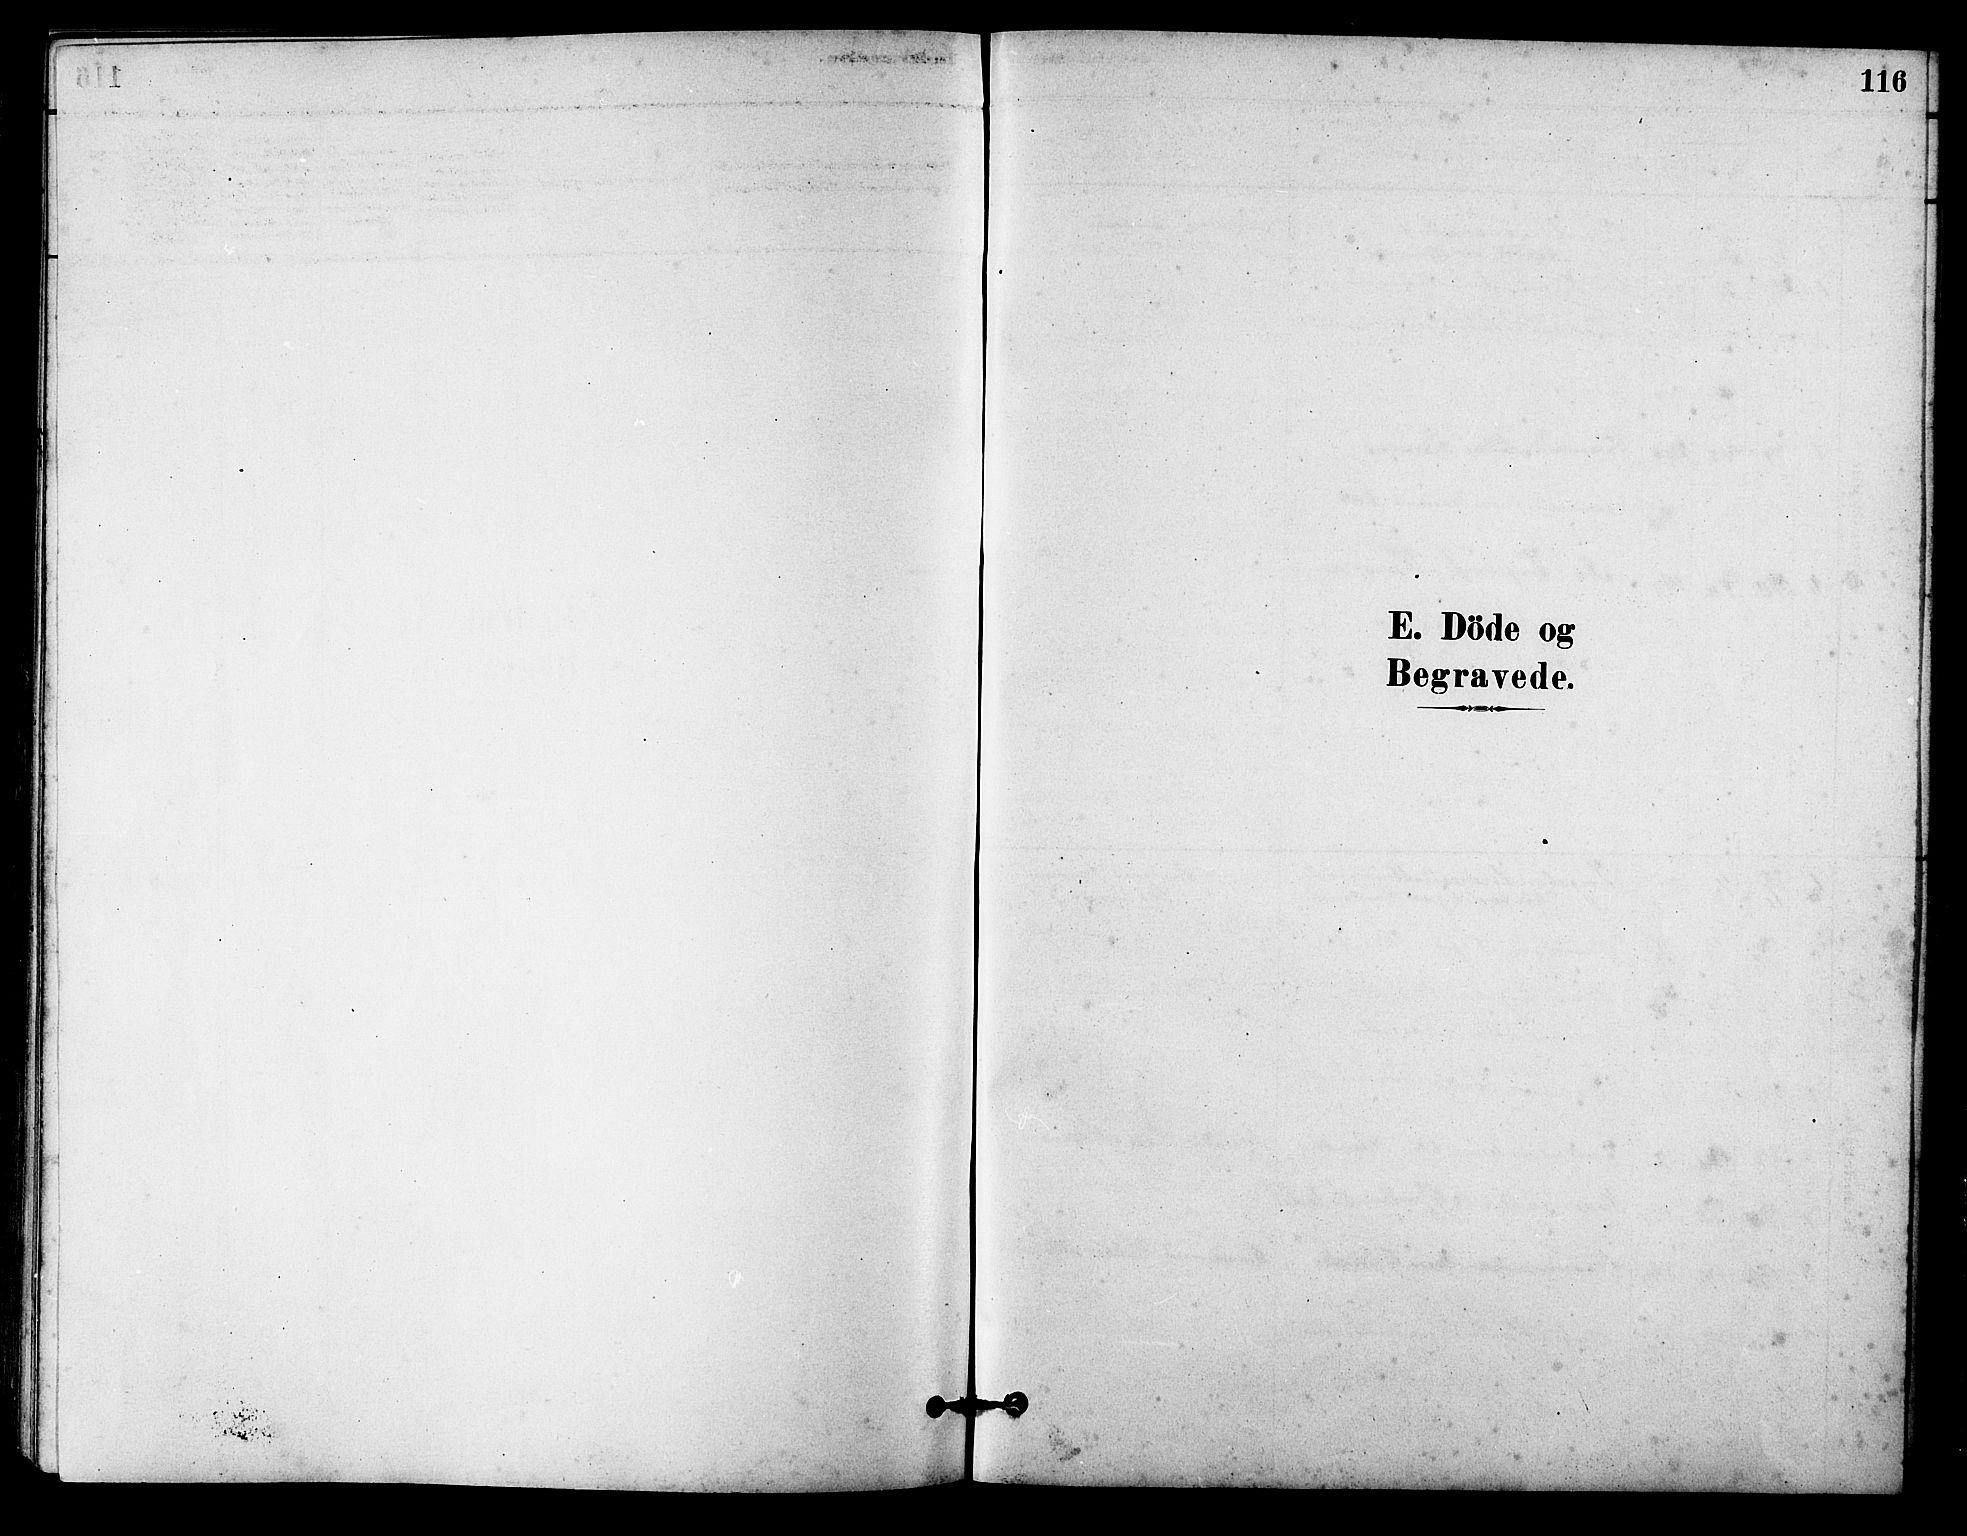 SAT, Ministerialprotokoller, klokkerbøker og fødselsregistre - Sør-Trøndelag, 631/L0514: Klokkerbok nr. 631C02, 1879-1912, s. 116